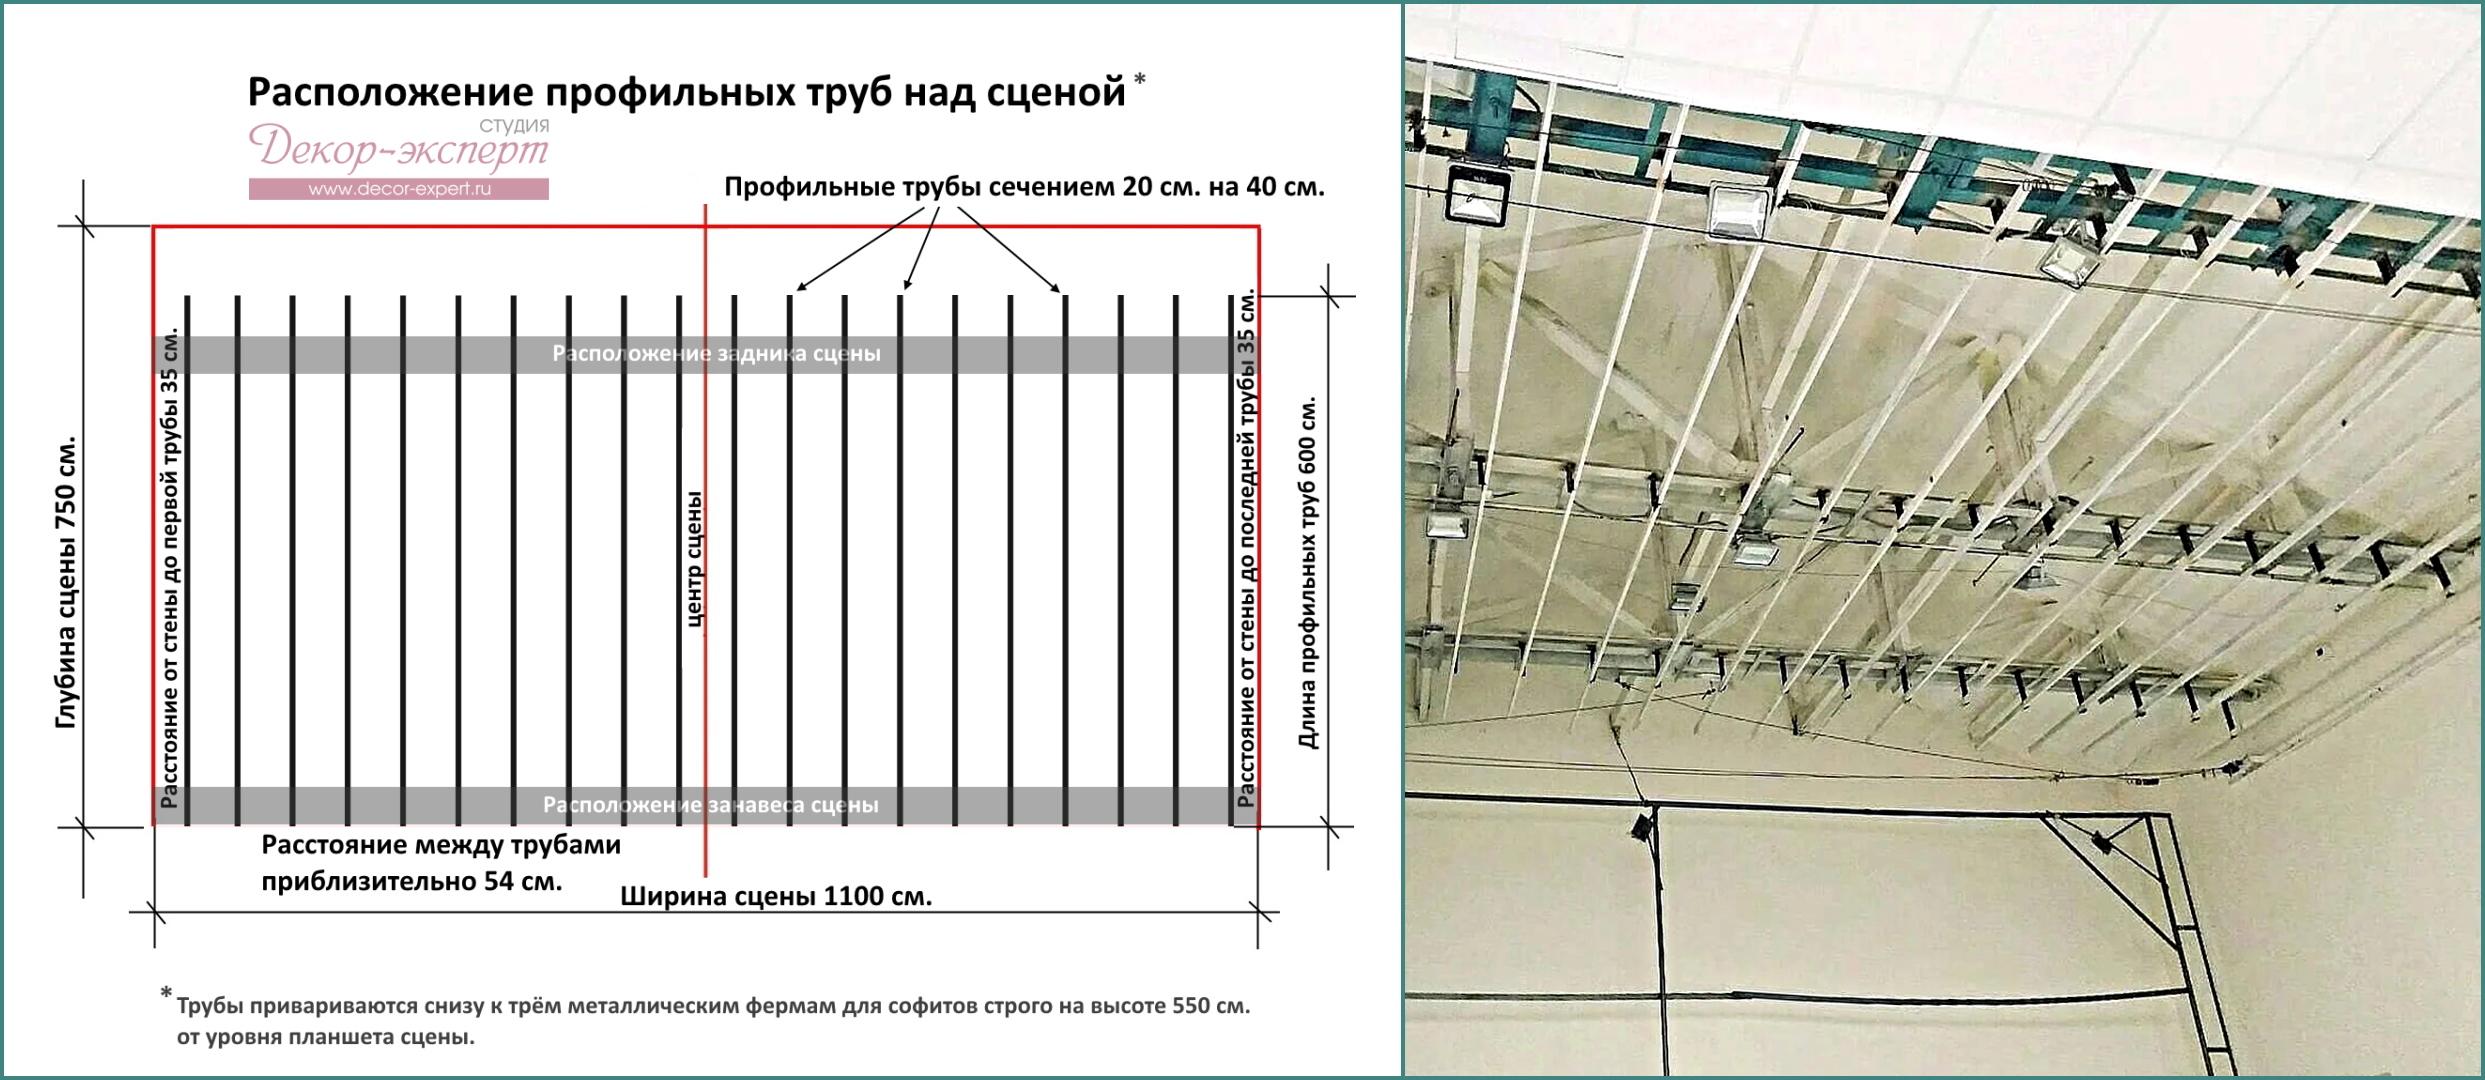 Схема сварки удерживающей обрешётки и её фото после работ, выполненными шефами КДЦ.